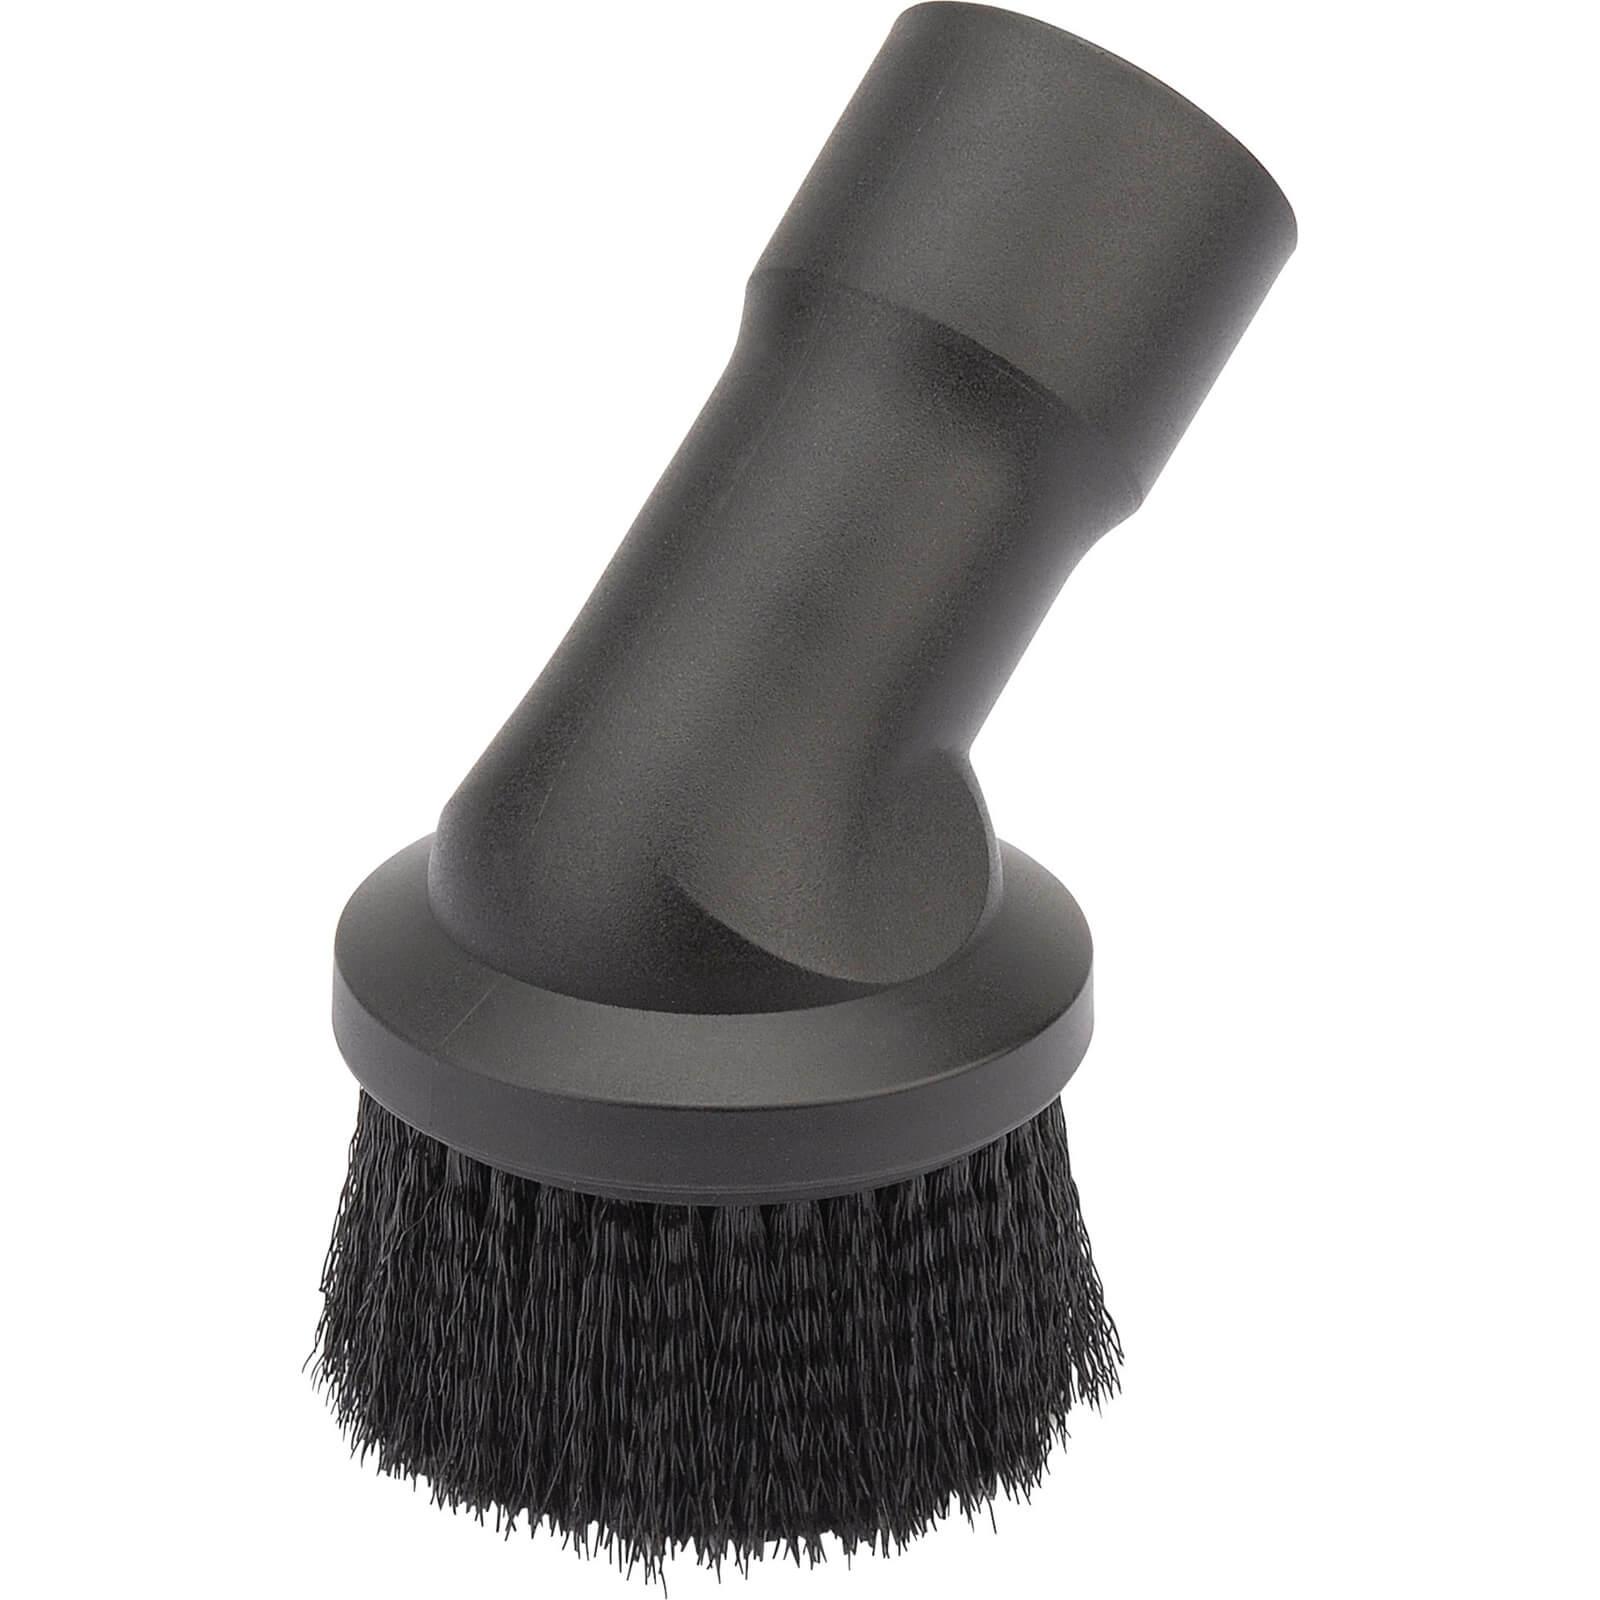 Draper Upholstery Brush for 36313 Vacuum Cleaner